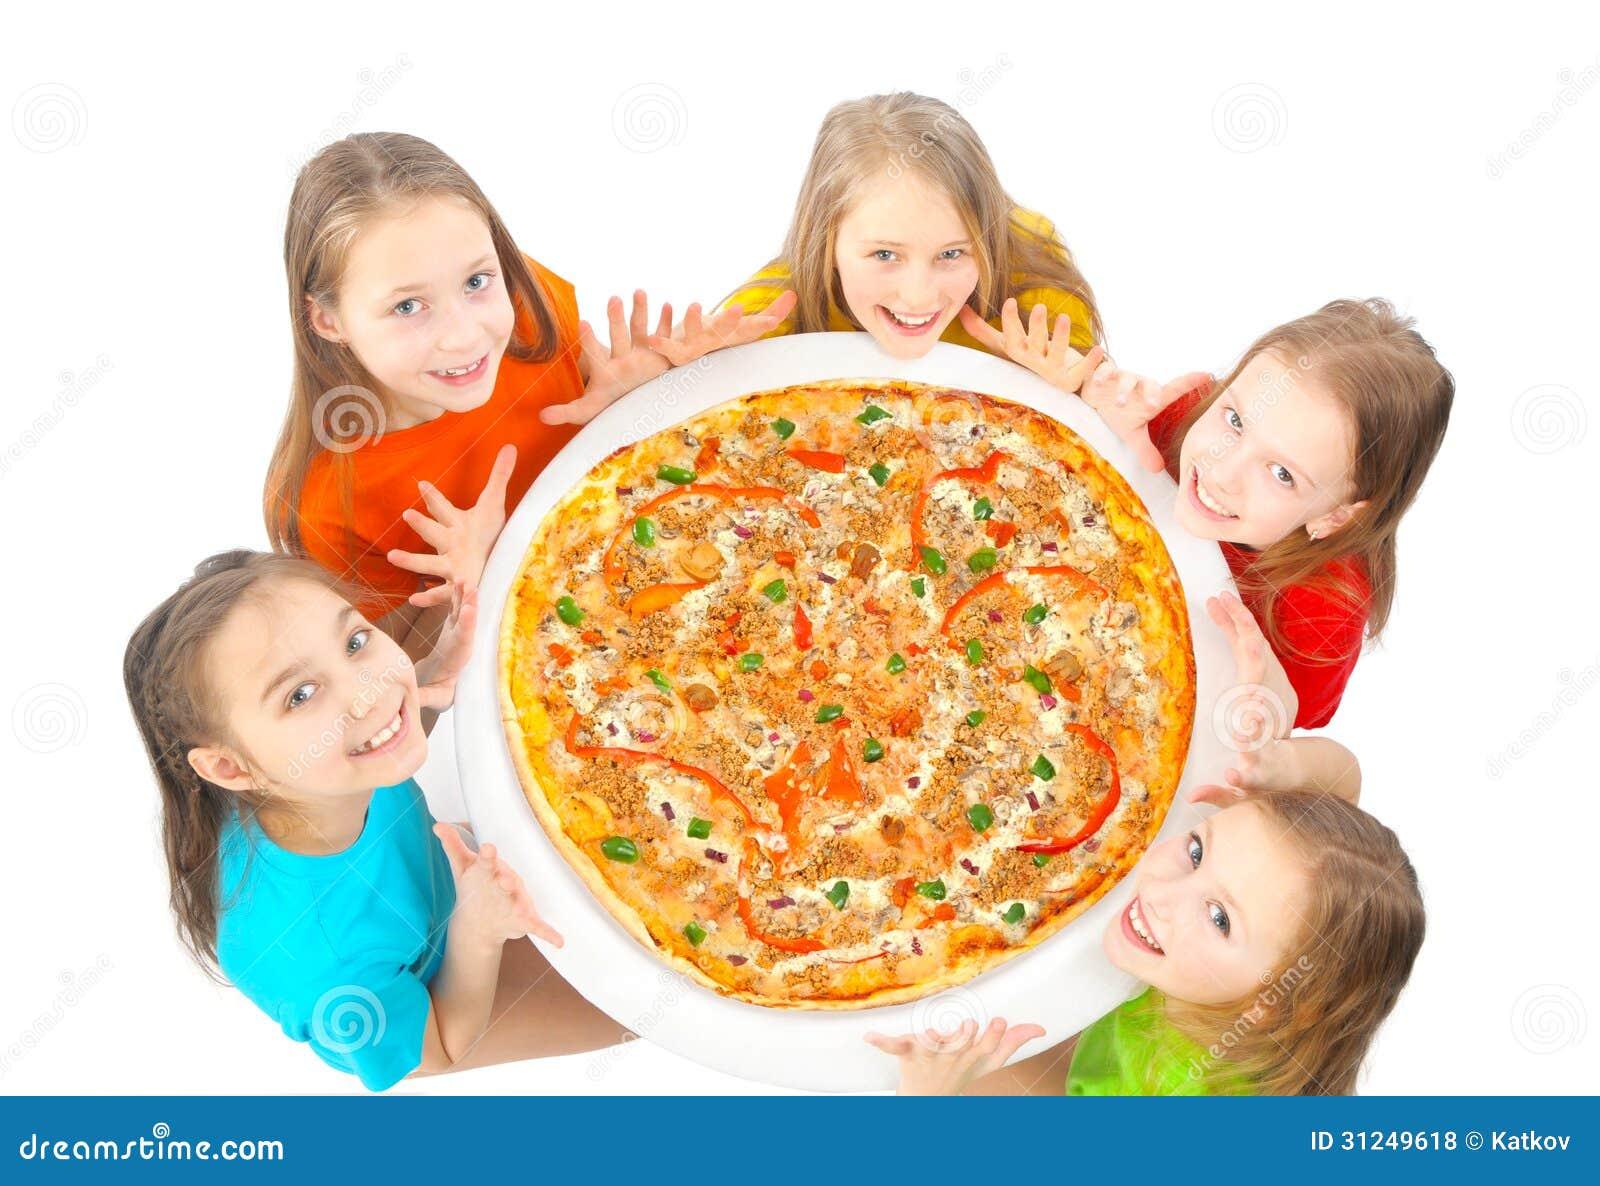 Как сделать ребёнку пиццу